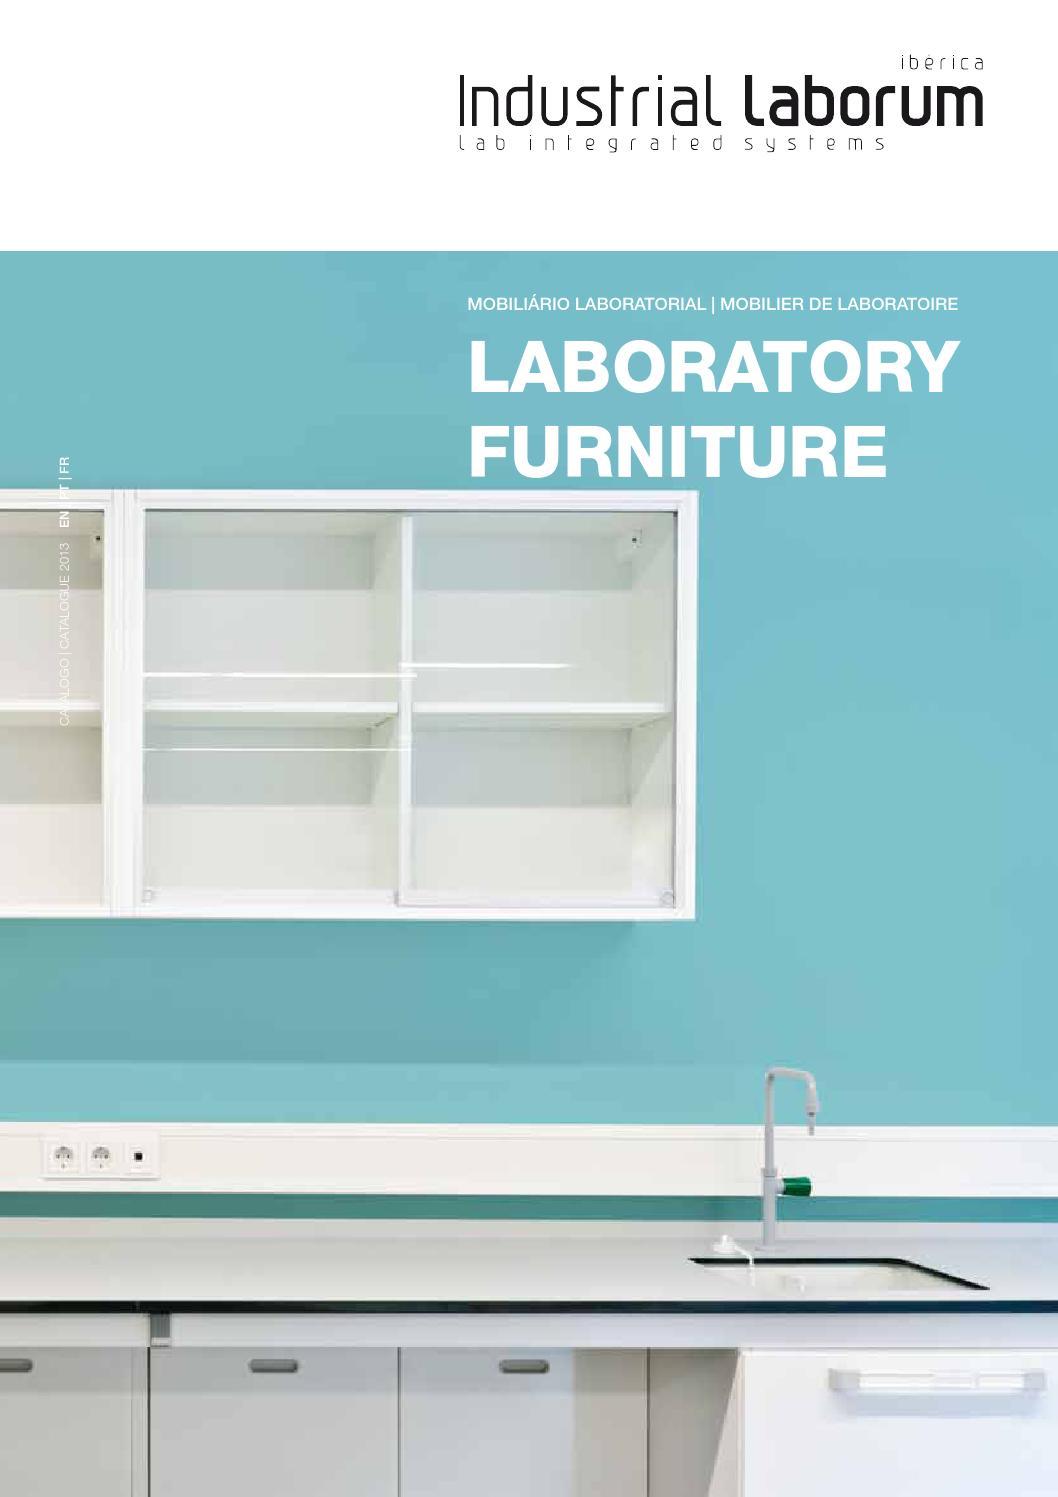 Industrial Laborum Ib Rica Lab Furniture By Industrial Laborum  # Muebles Potugueses